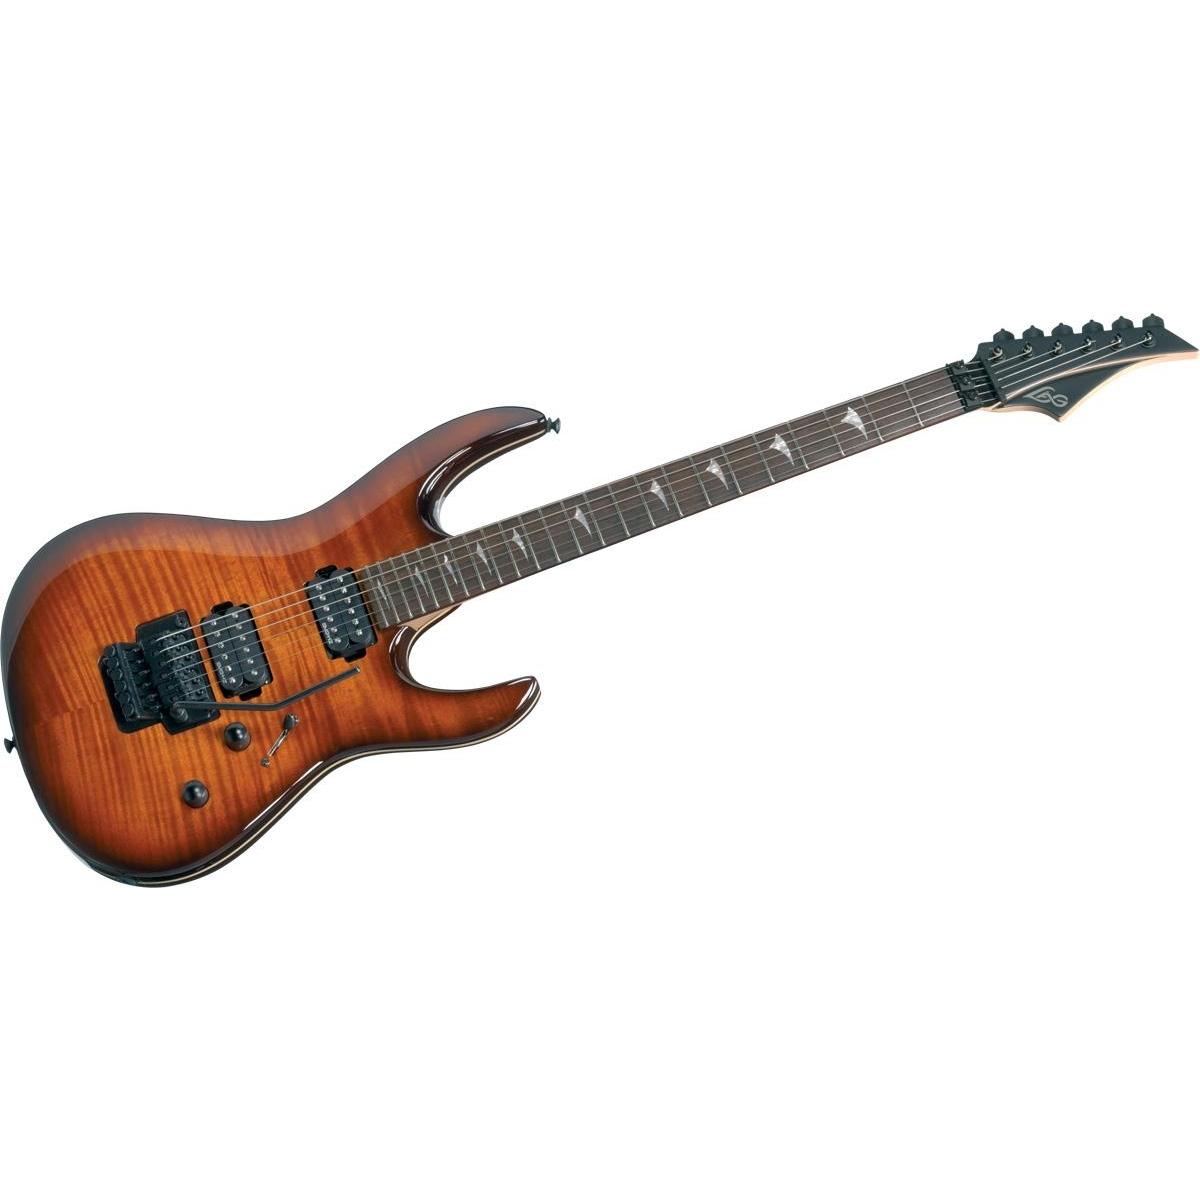 Гитара (270 a-7), гитара (270 a-7) купить, гитара (270 a-7) цена, гитара (270 a-7) оптом, гитара (270 a-7), гитара